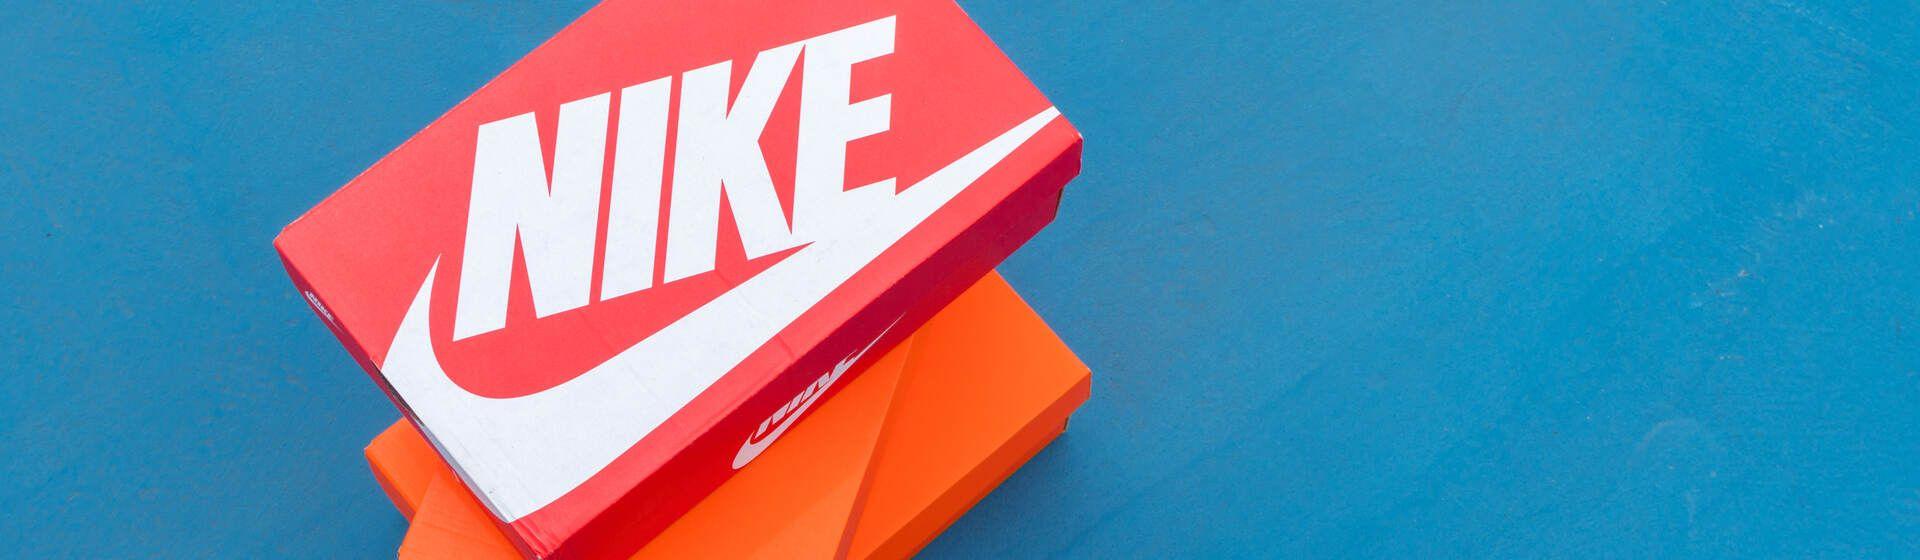 Nike na Black Friday 2021: 12 opções da marca que valem o investimento